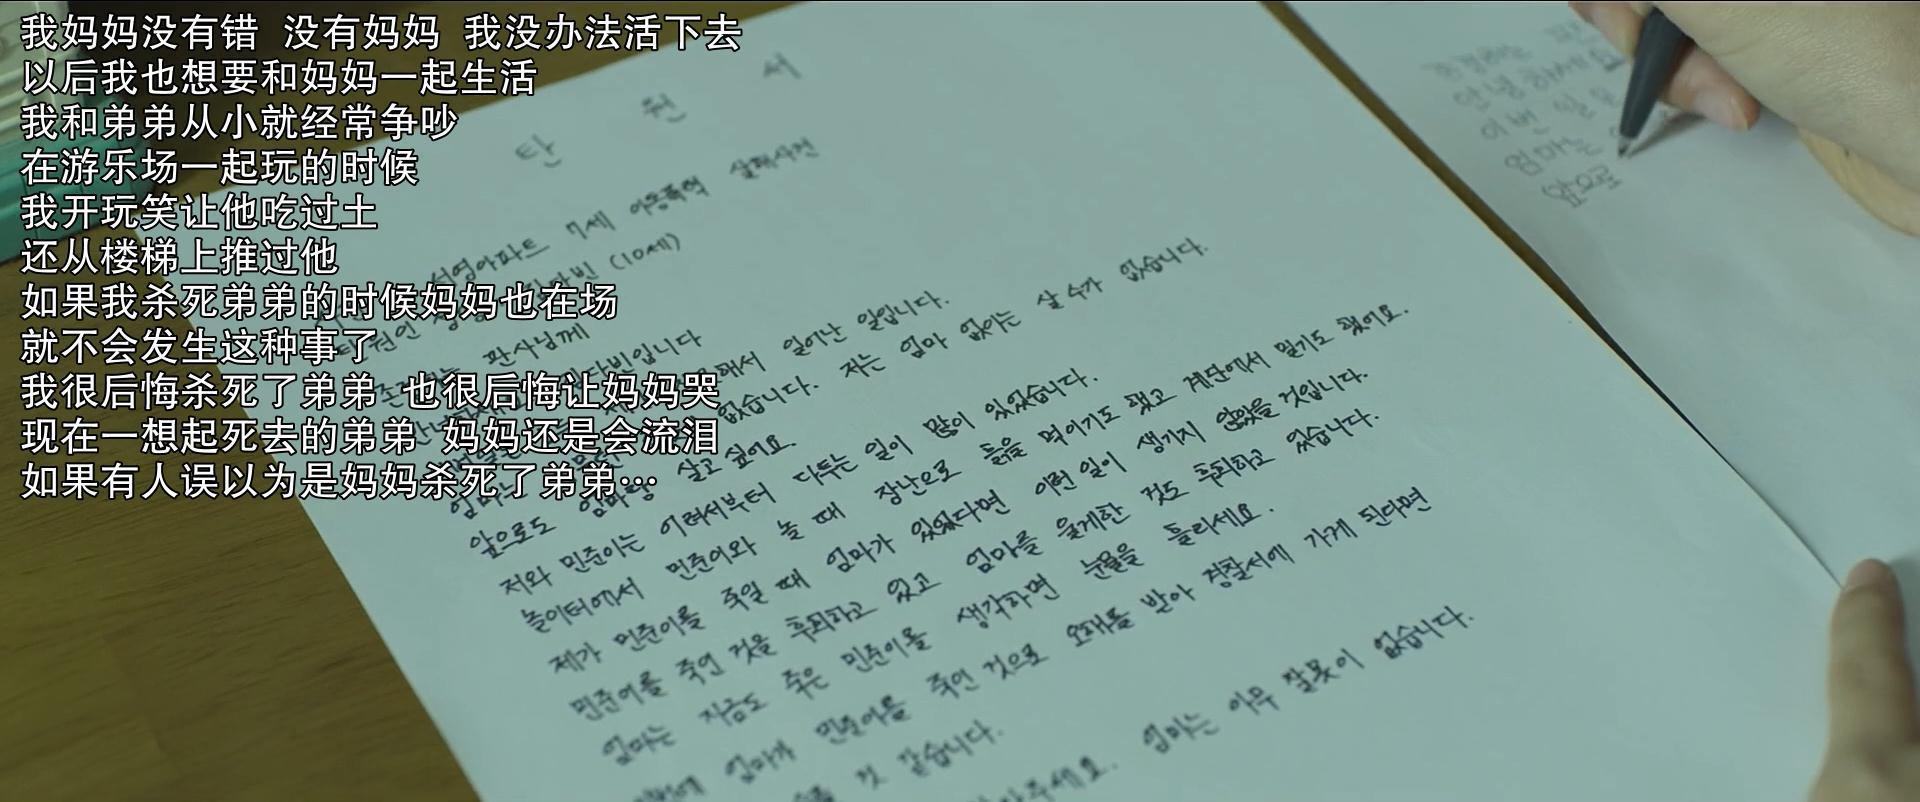 韩国电影《小委托人》不幸的人,一生都在治愈童年 (4)